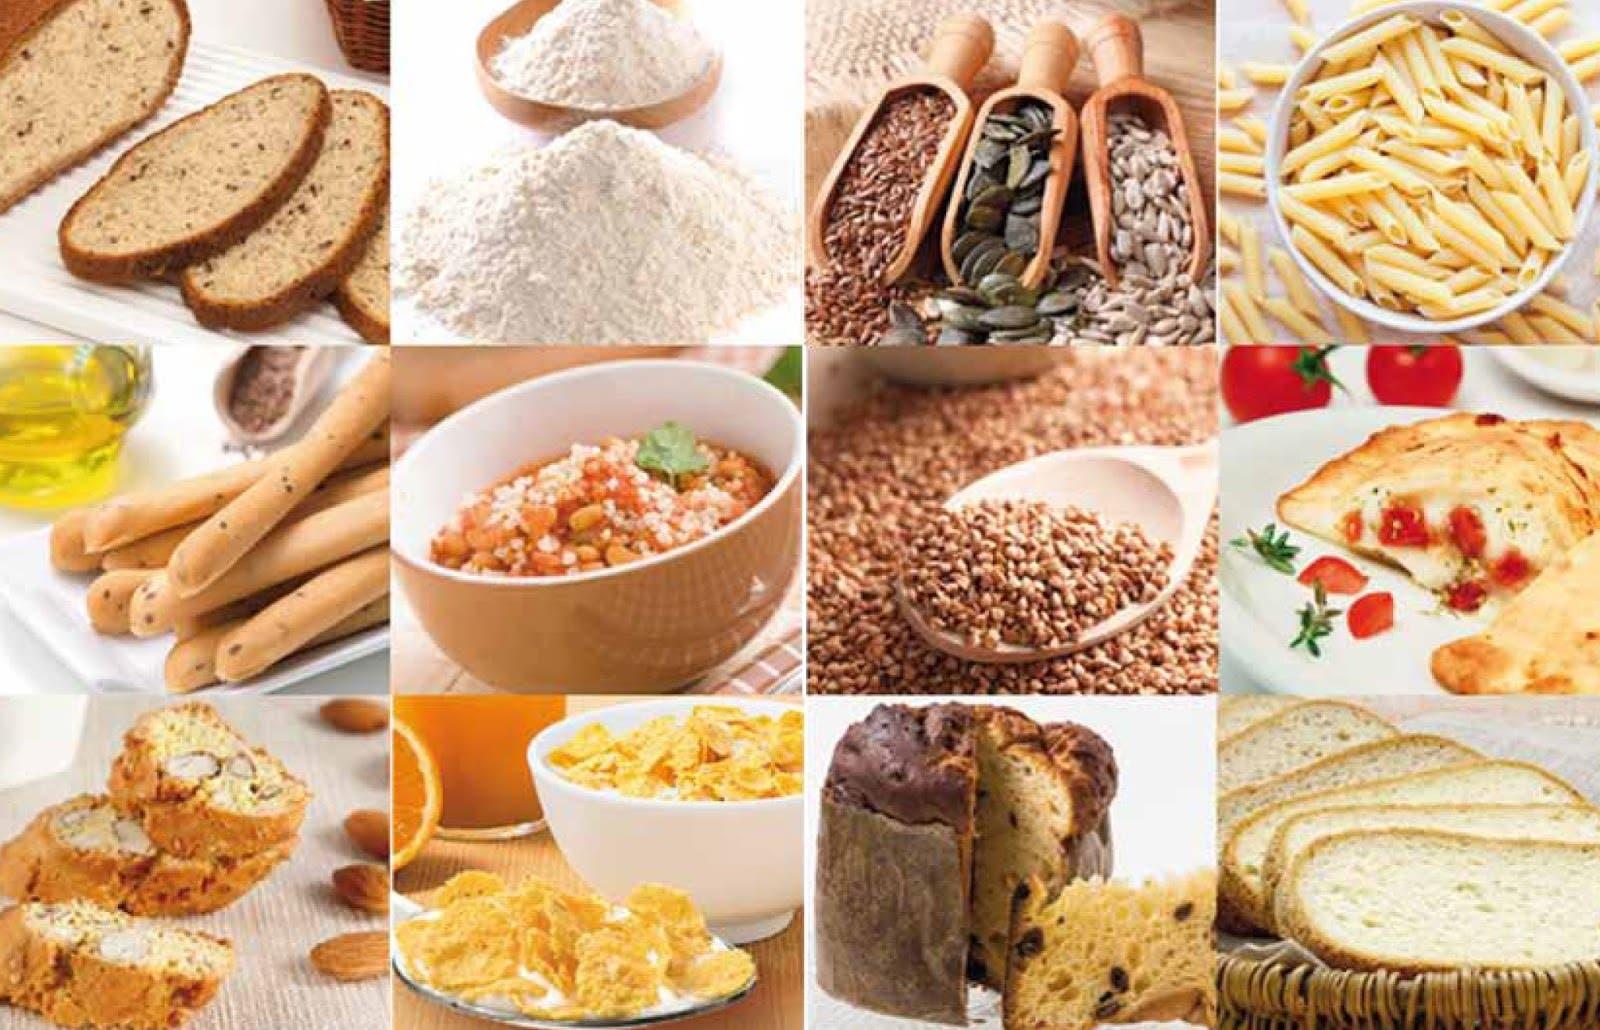 el gluten es una proteína que se encuentra en la semilla de cereales como trigo, cebada, centeno y derivados y, posiblemente, avena, por lo que está presente en un altísimo porcentaje de alimentos manipulados y elaborados de consumo habitual. Fuente externa.